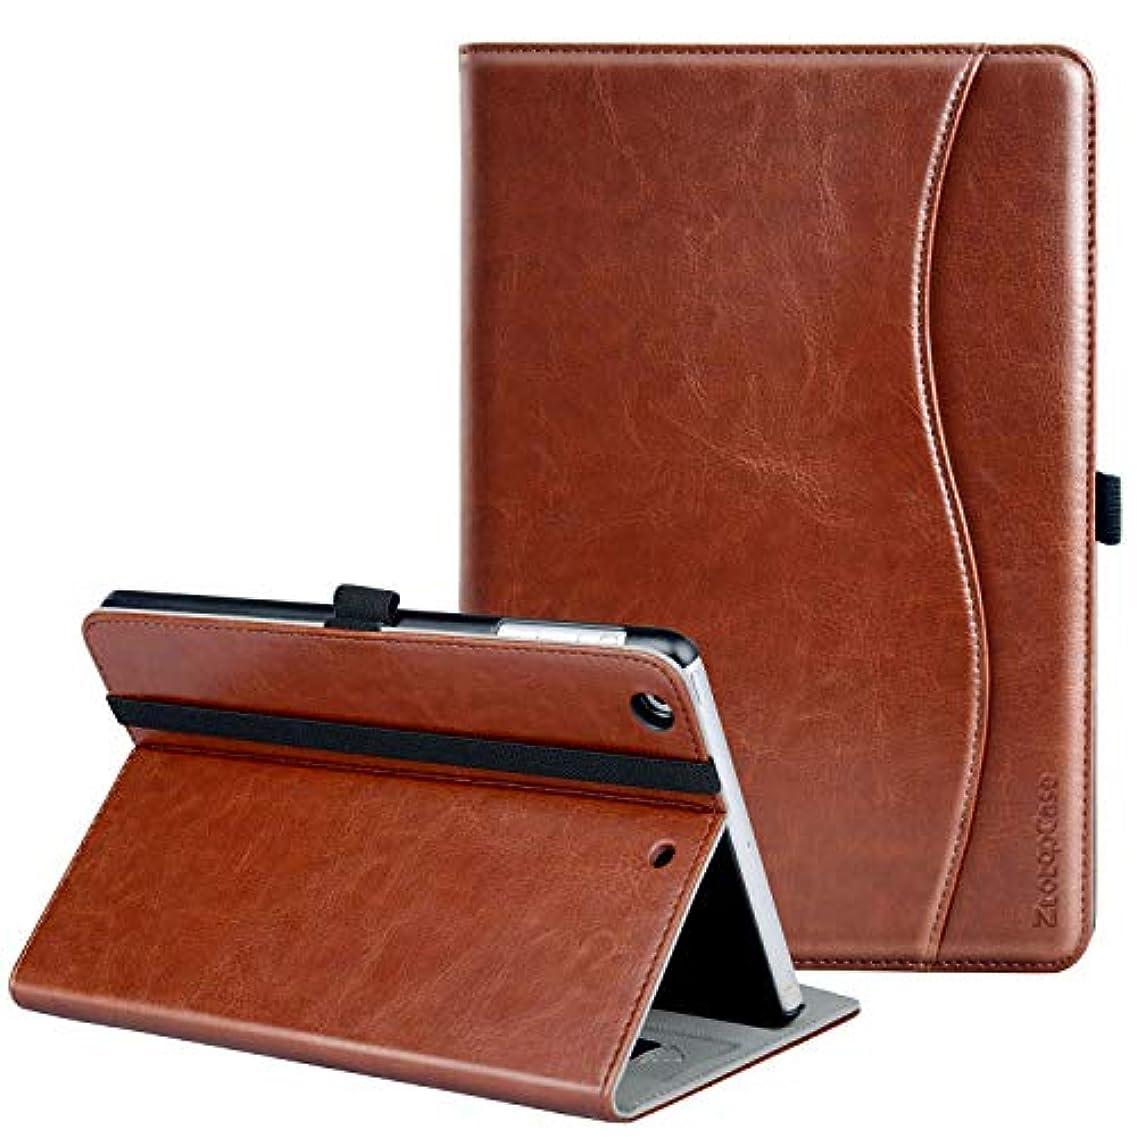 加入論理聖書Ztotop iPad Mini/Mini2/Mini3 ケース 高級PUレザー オートスリープ機能 ポケット付き(ブラウン)